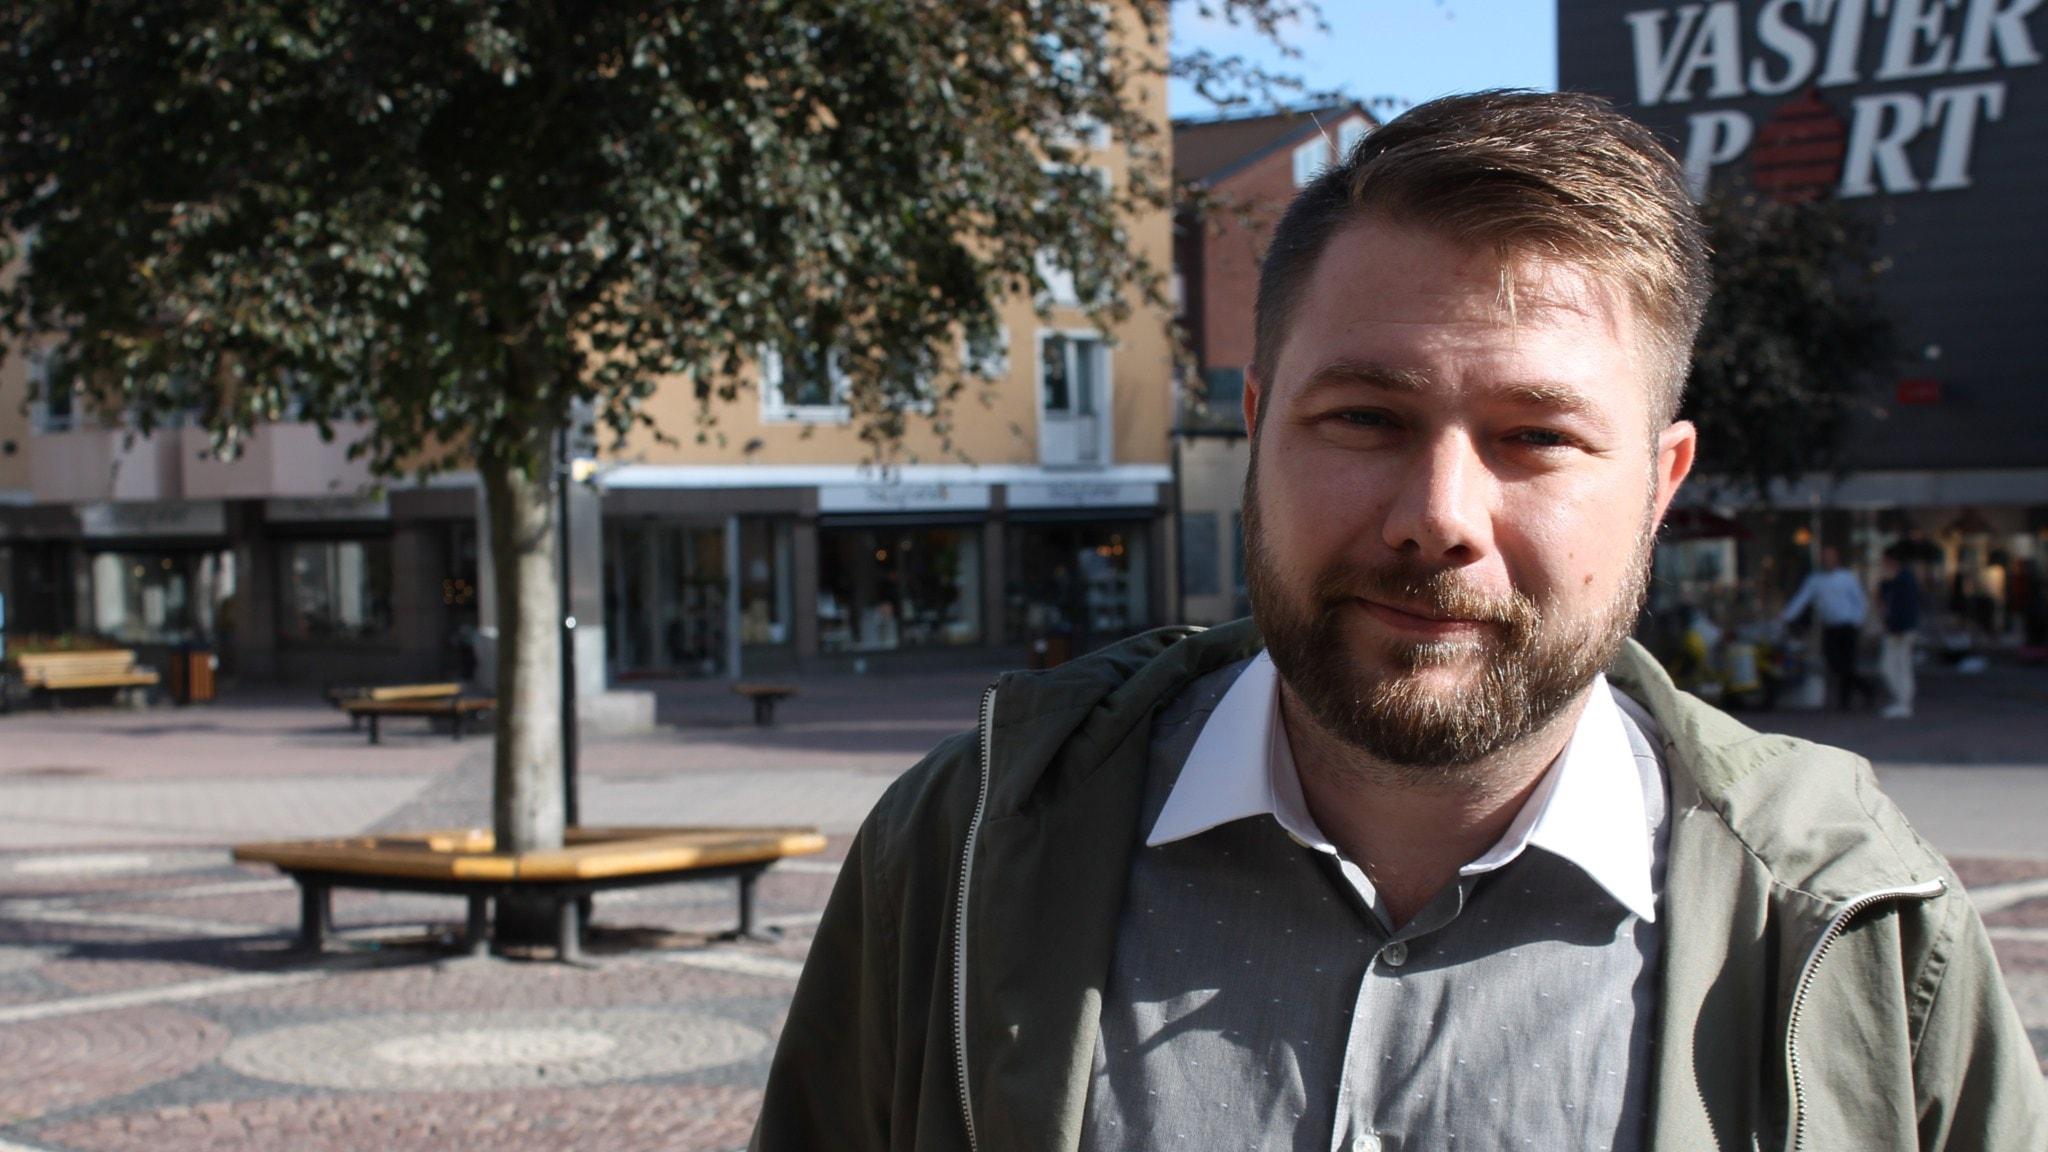 """VIK s nya ordförande om dubbla rollerna""""Van att sitta på flera stolar"""" P4 Kalmar Sveriges"""